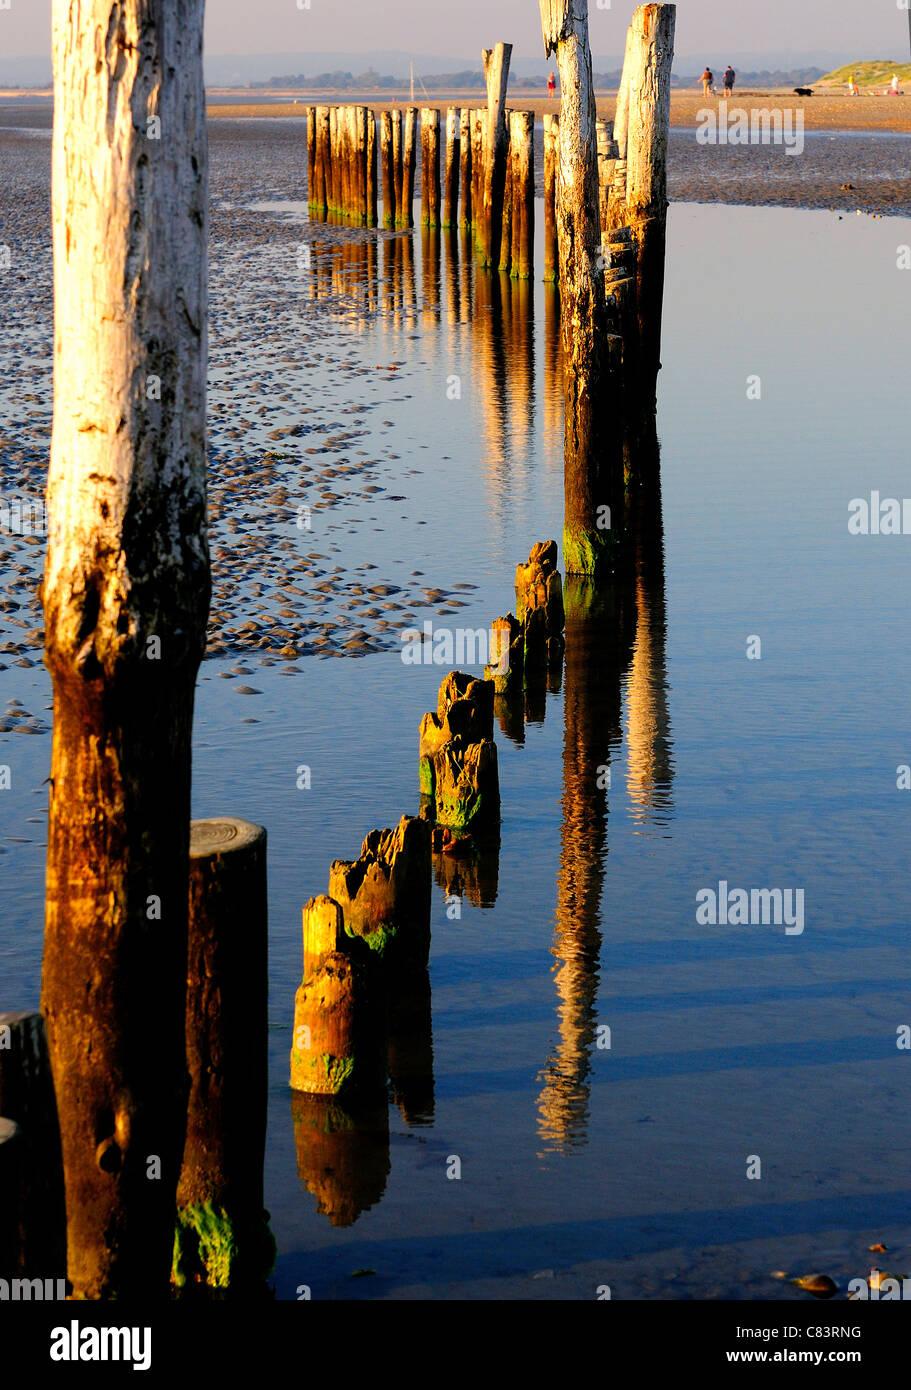 Patrones y reflexiones de madera West Wittering groynes's Beach con marea baja. Imagen De Stock